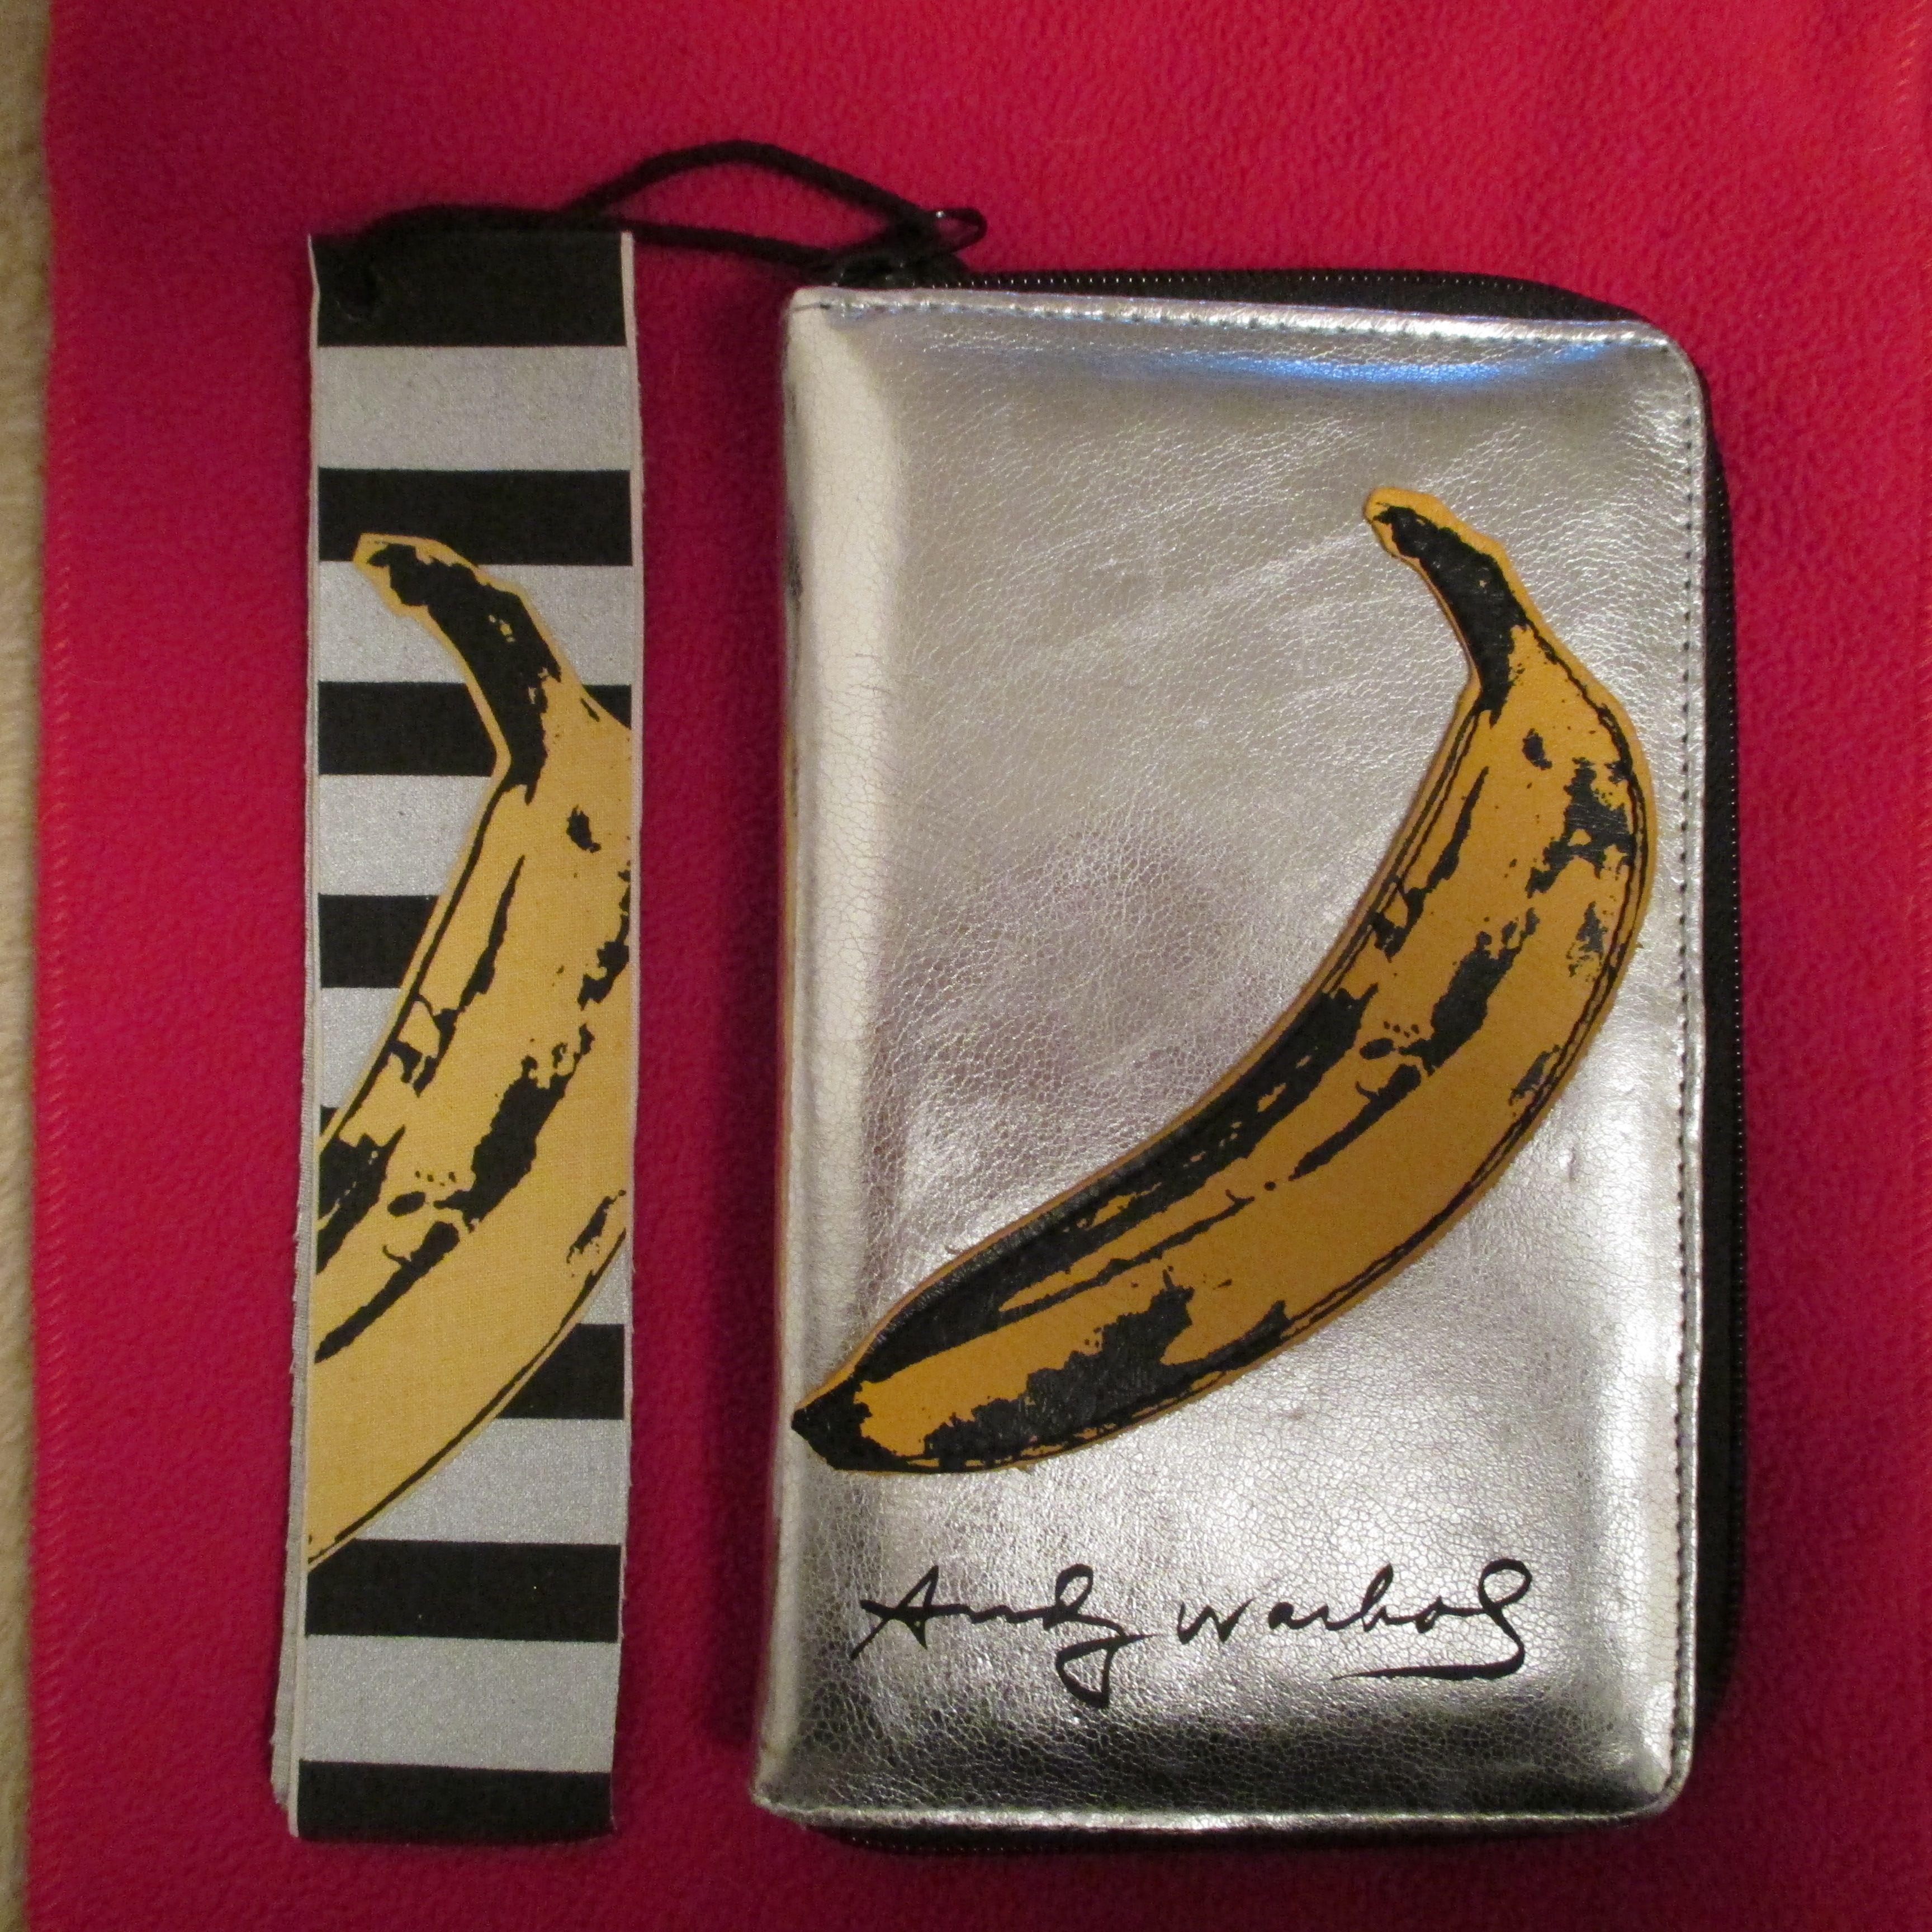 16 Best Andy Warhol Banana Velvet Underground Ideas Andy Warhol Andy Warhol Banana Warhol